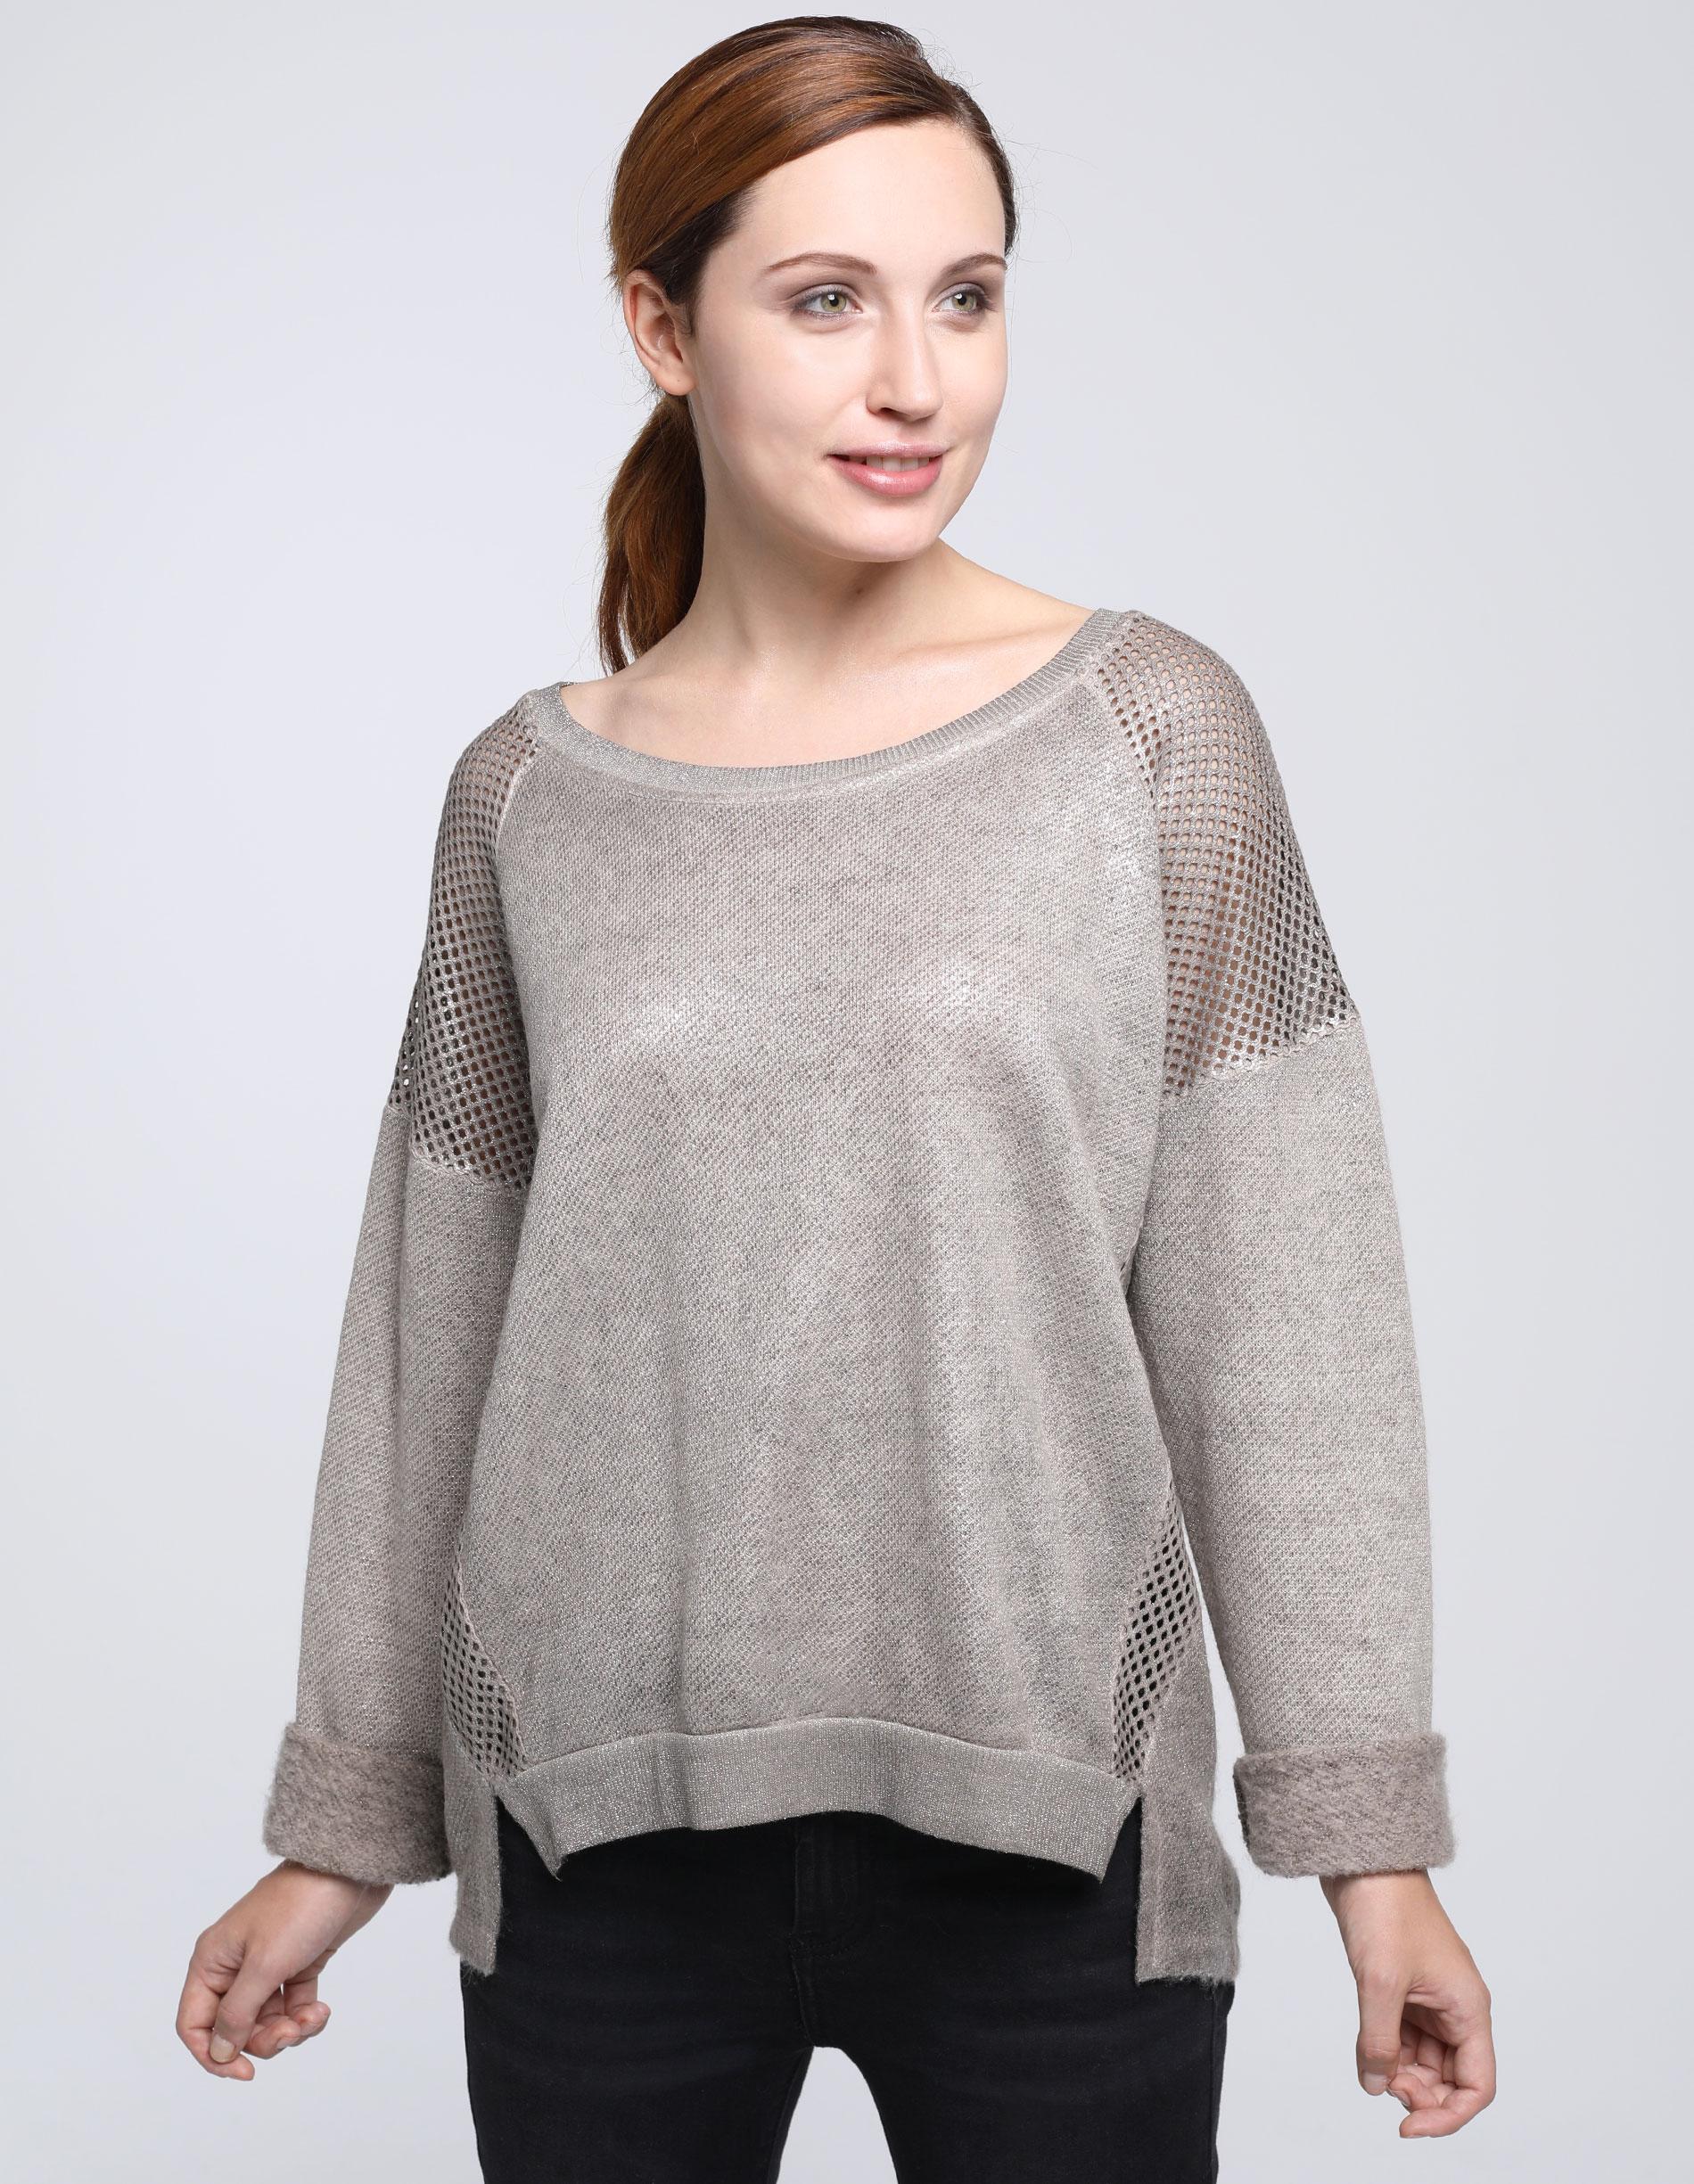 Sweter - 104-75030 FAN - Unisono